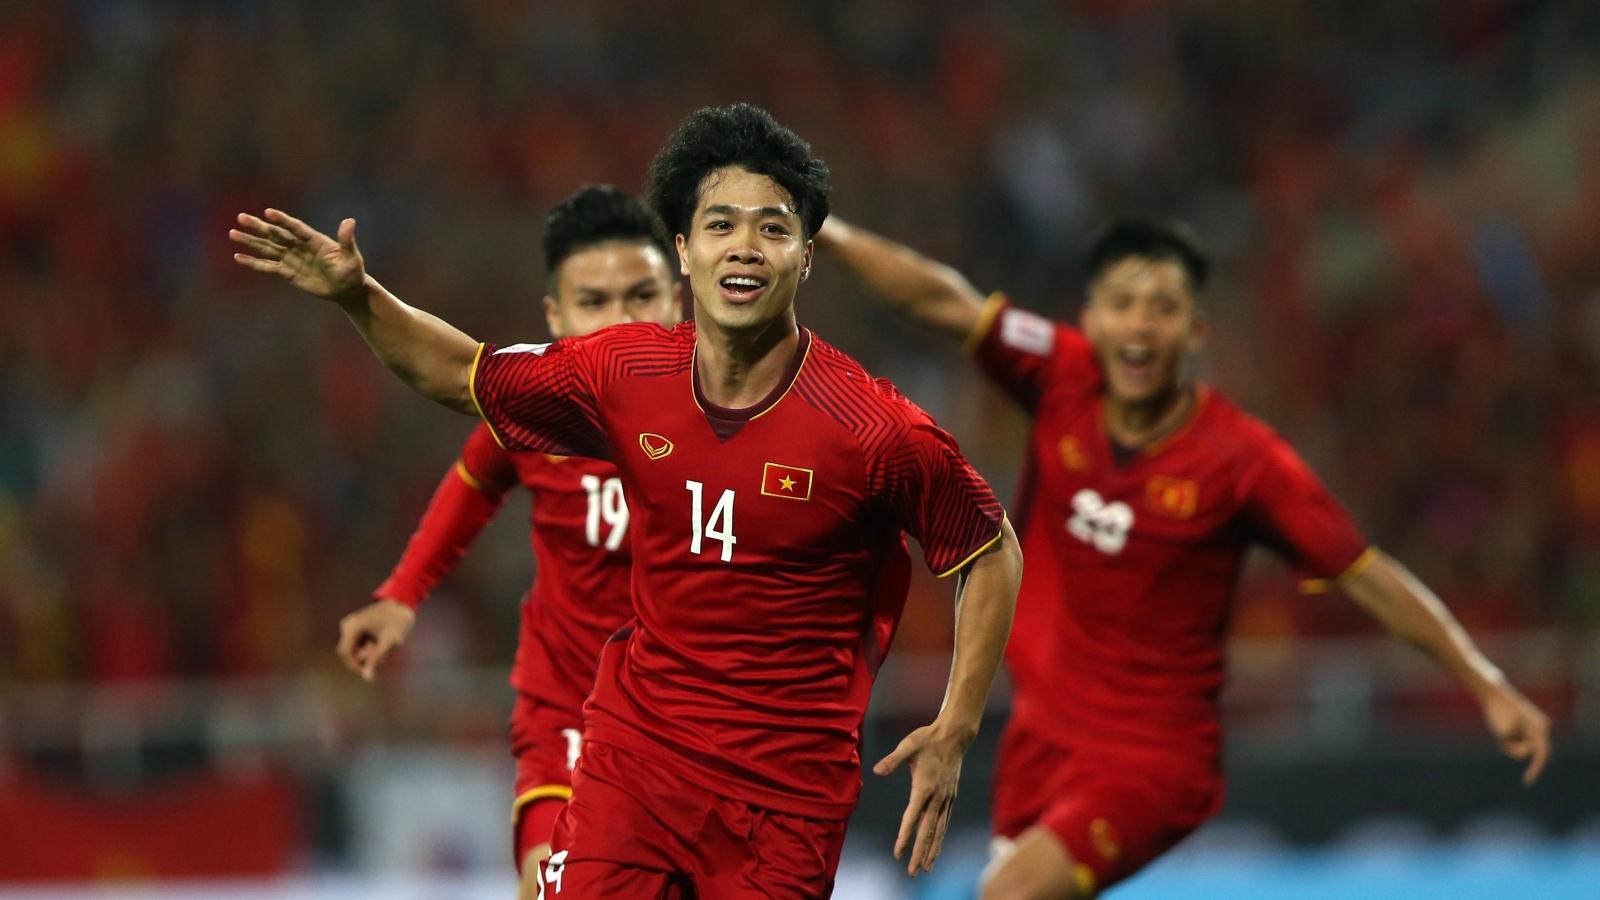 Điểm danh những ngôi sao ĐT Việt Nam có thể ra sân ở loạt trận hôm nay